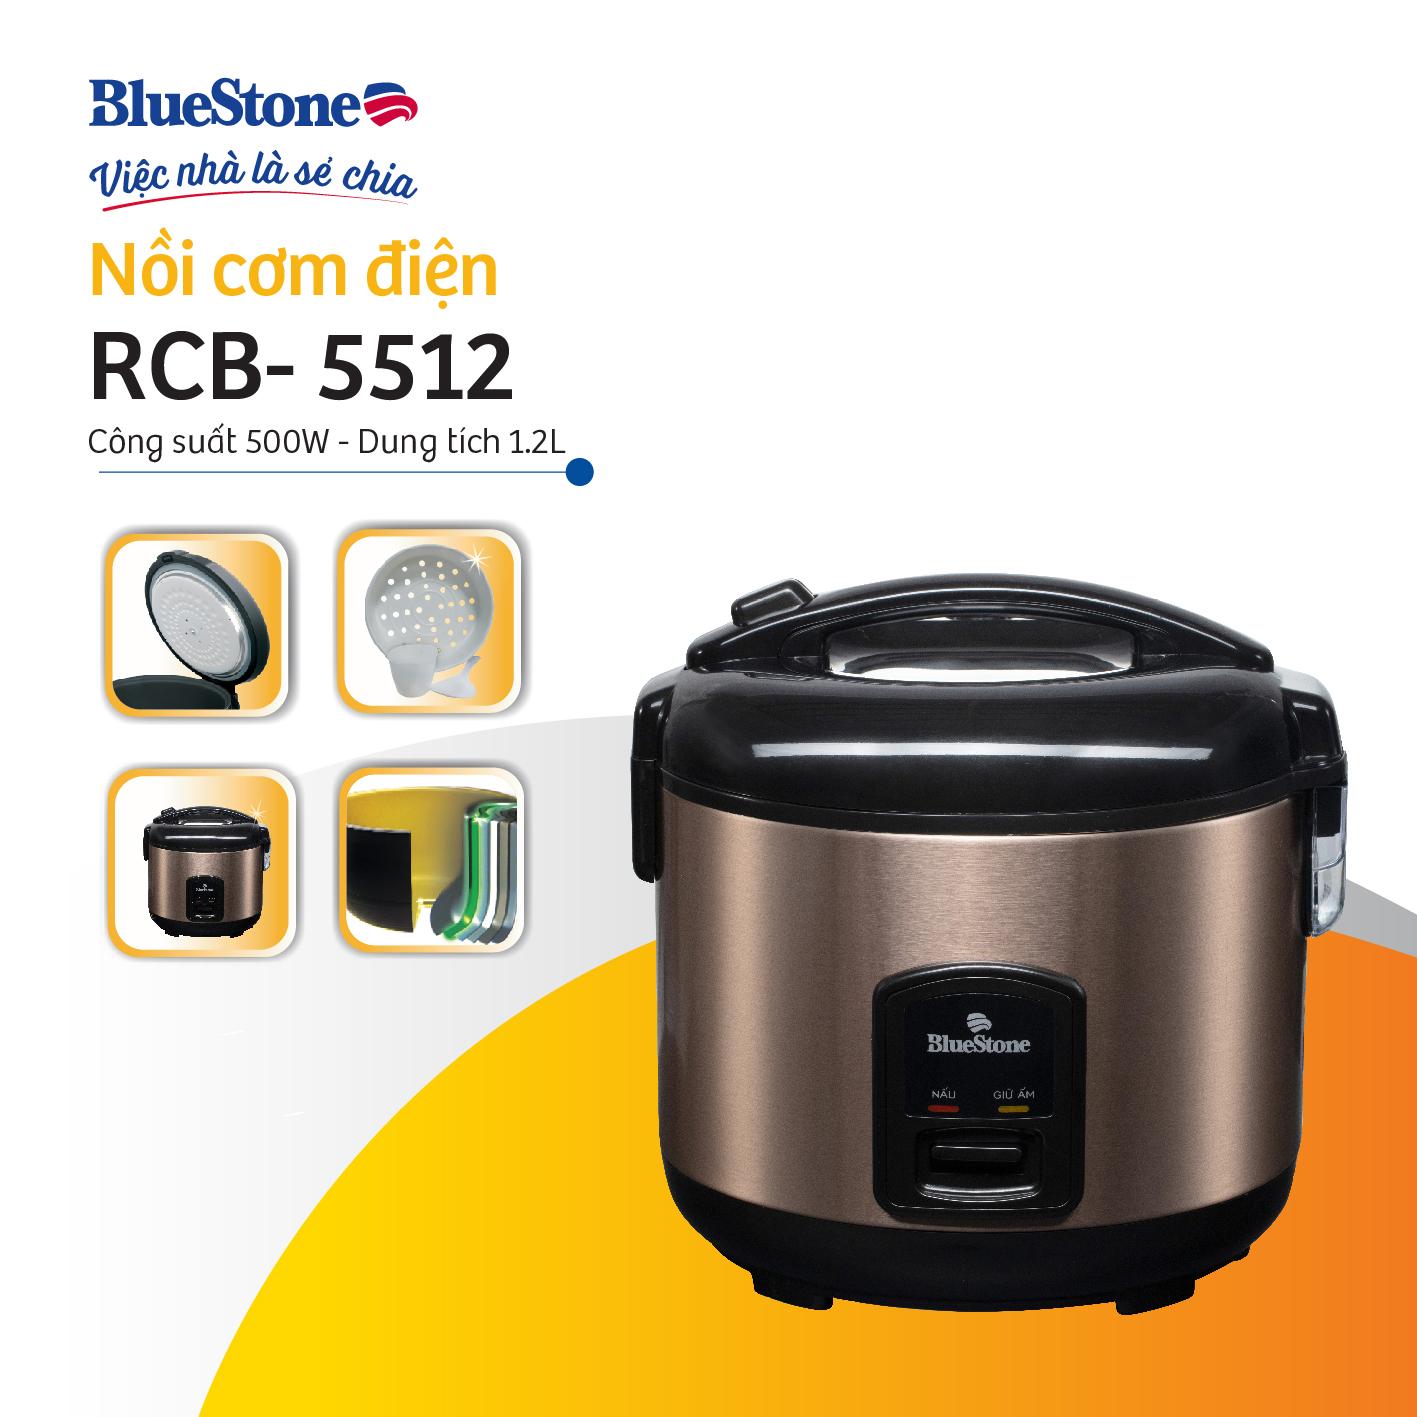 Nồi cơm điện Bluestone RCB-5512 - Hàng chính hãng